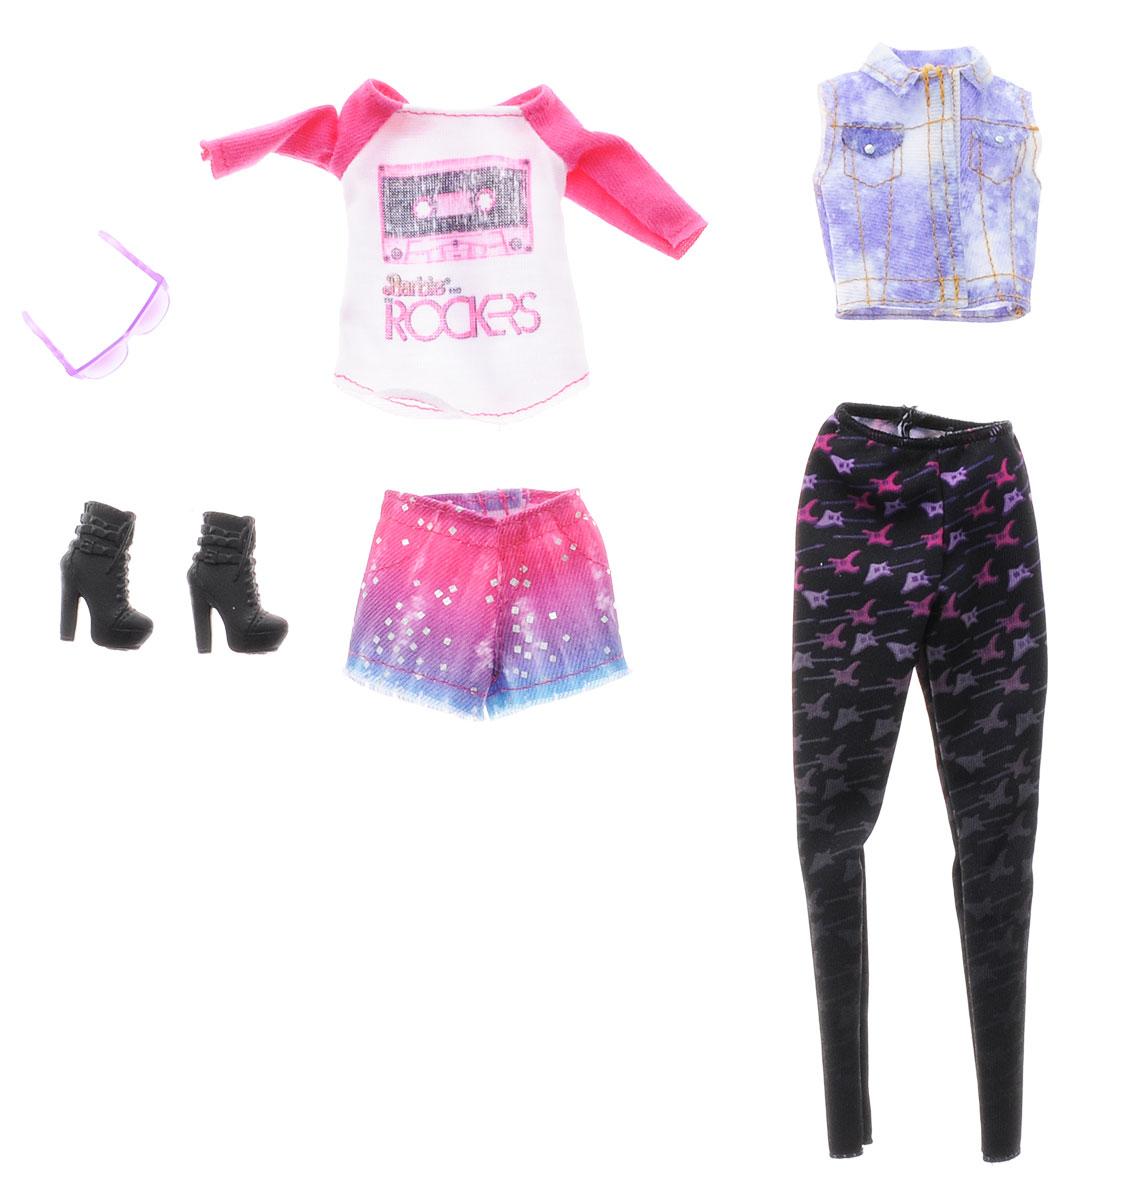 Barbie Набор одежды для кукол CFY06_DMF56CFY06_DMF56Каждый день новый очаровательный наряд - это возможно с набором модной одежды для кукол Барби. Два модных наряда в одной упаковке - это двойное удовольствие! Бело-розовая модная кофточка и короткие шорты с блестками - лучший наряд для похода в клуб или на дискотеку. Второй комплект состоит из трикотажных брюк черного цвета и бело-сиреневого жилета. Набор включает в себя стильные черные полусапожки на высоких каблуках и оригинальные солнечные очки сиреневого цвета. Комбинируйте эти комплекты с другими нарядами, чтобы расширить гардероб своих модниц. В процессе игры любая девочка с удовольствием будет наряжать куклу в новую одежду. Если собрать всю коллекцию одежды для куклы Барби, то можно будет подобрать наряды для самых разных сюжетов! Одежда подходит для большинства кукол Барби. Куклы продаются отдельно.